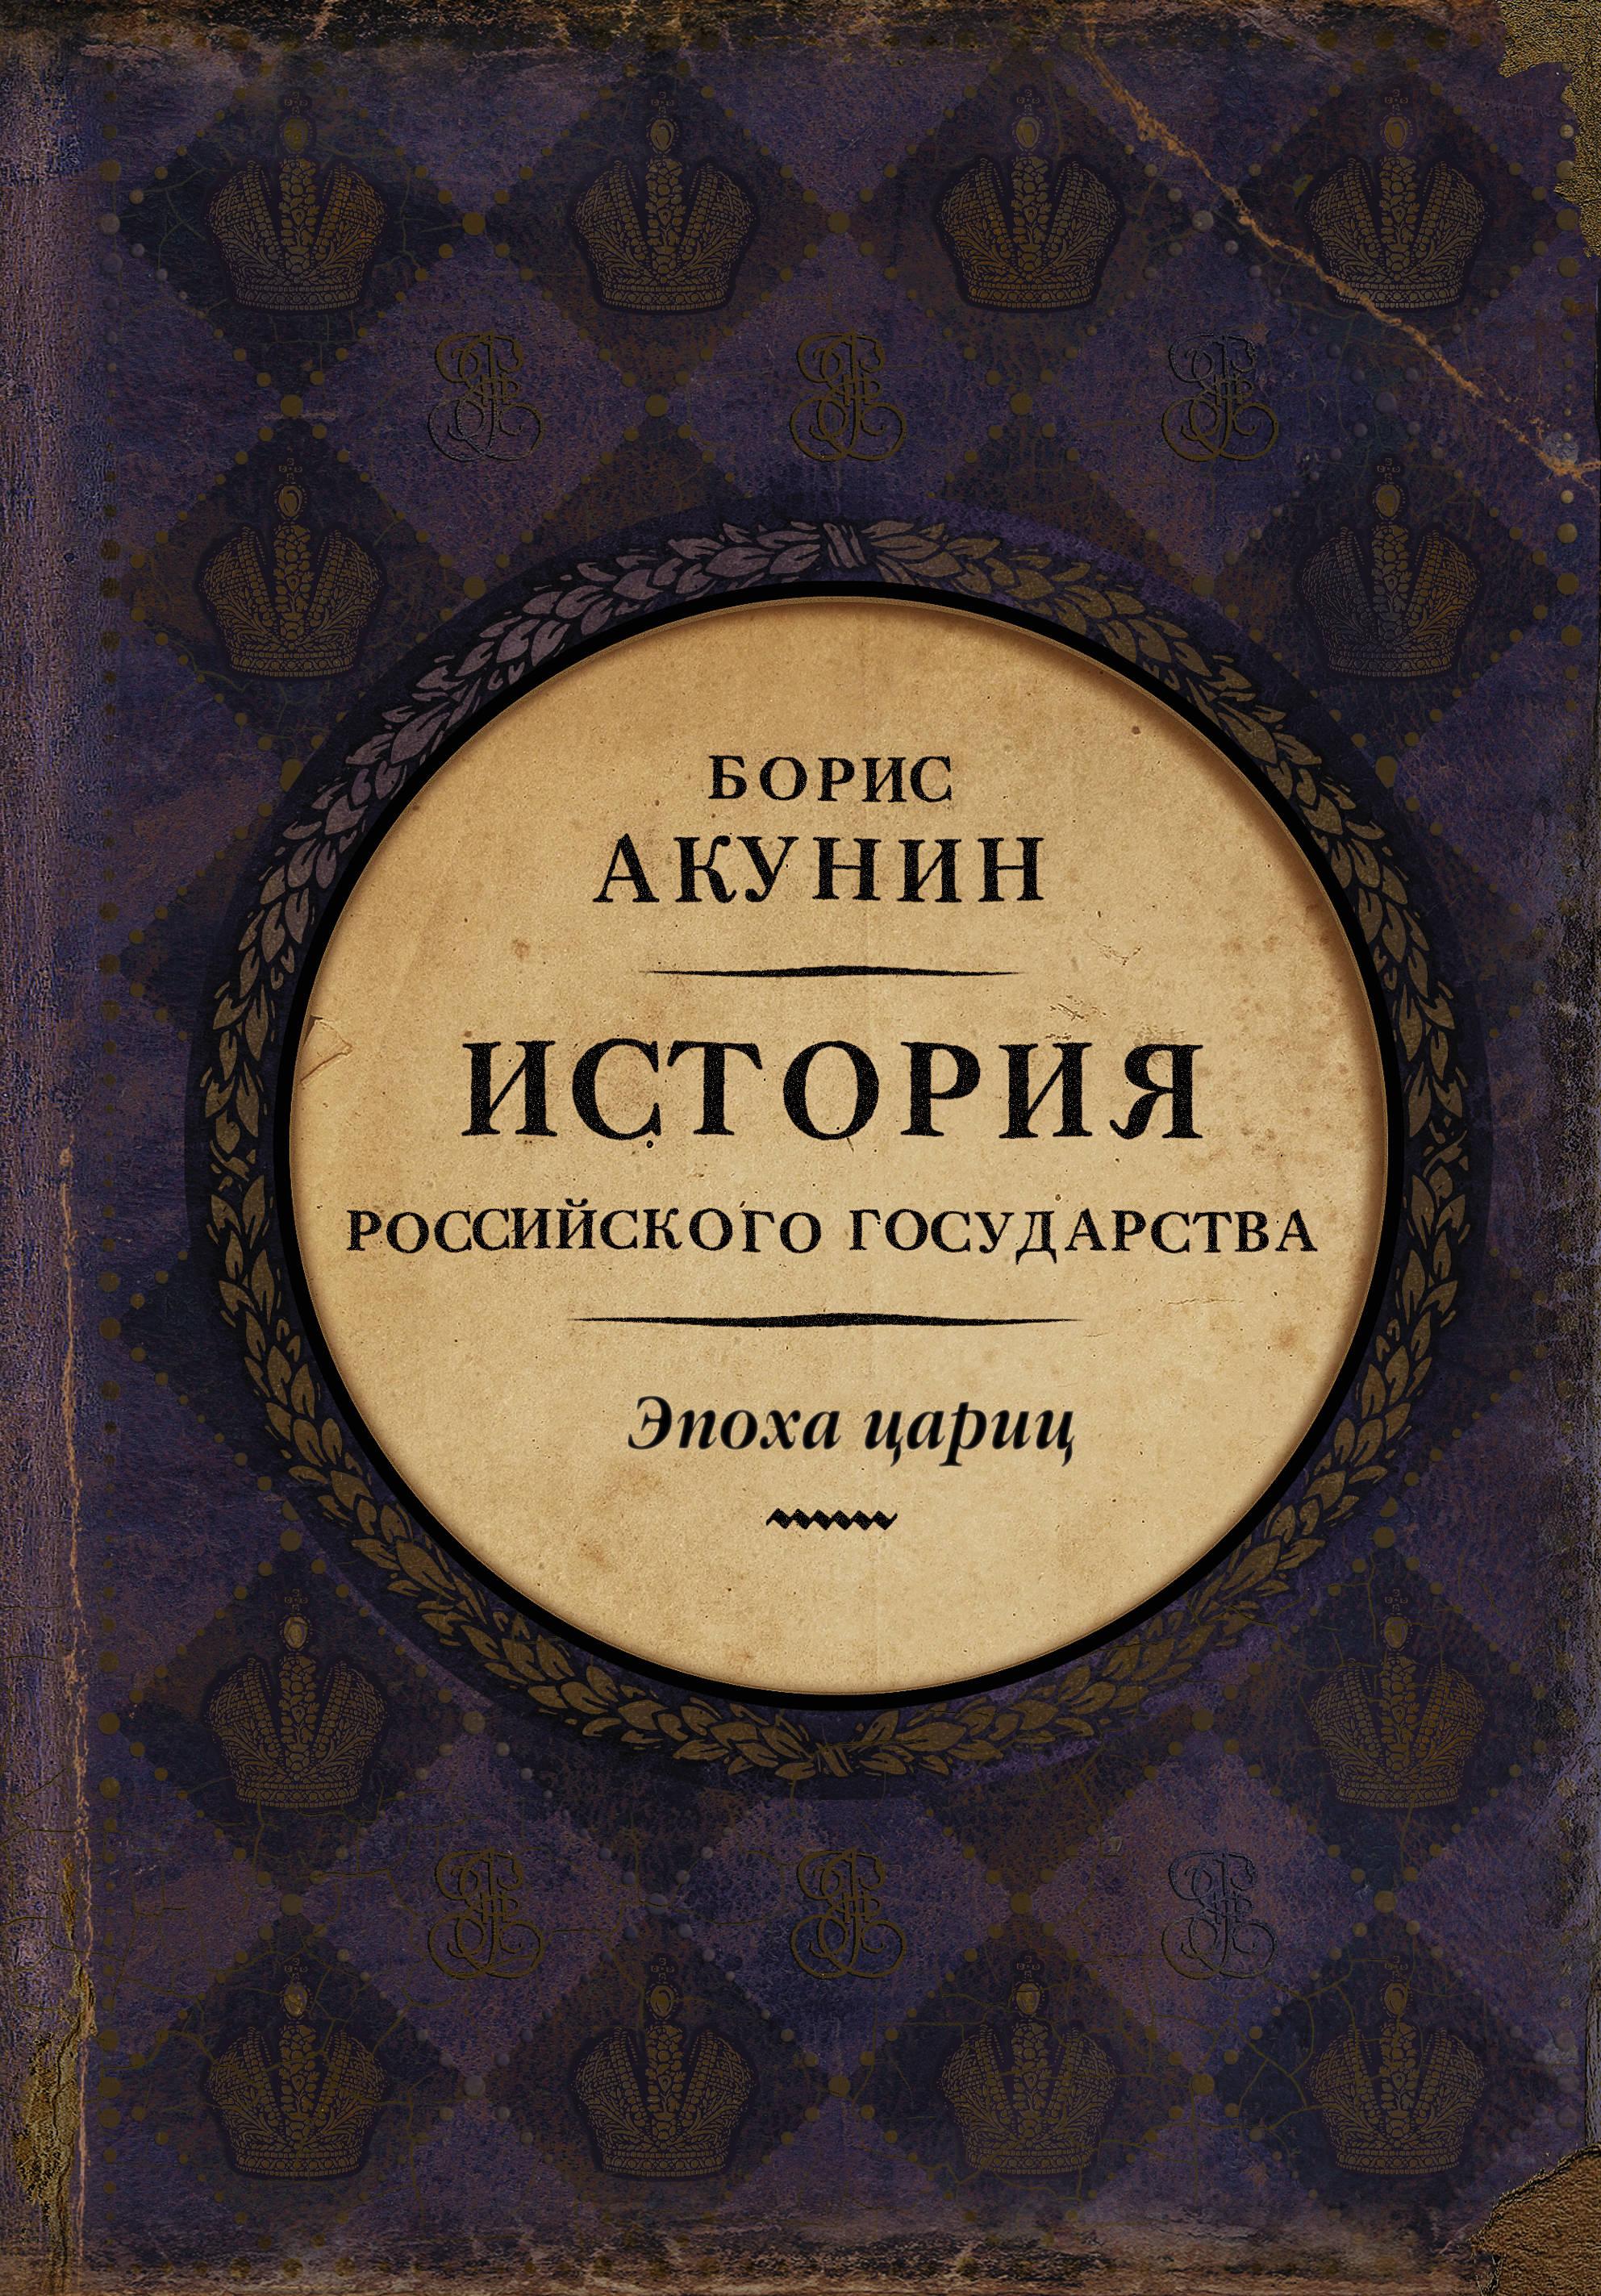 История Российского Государства. Эпоха цариц